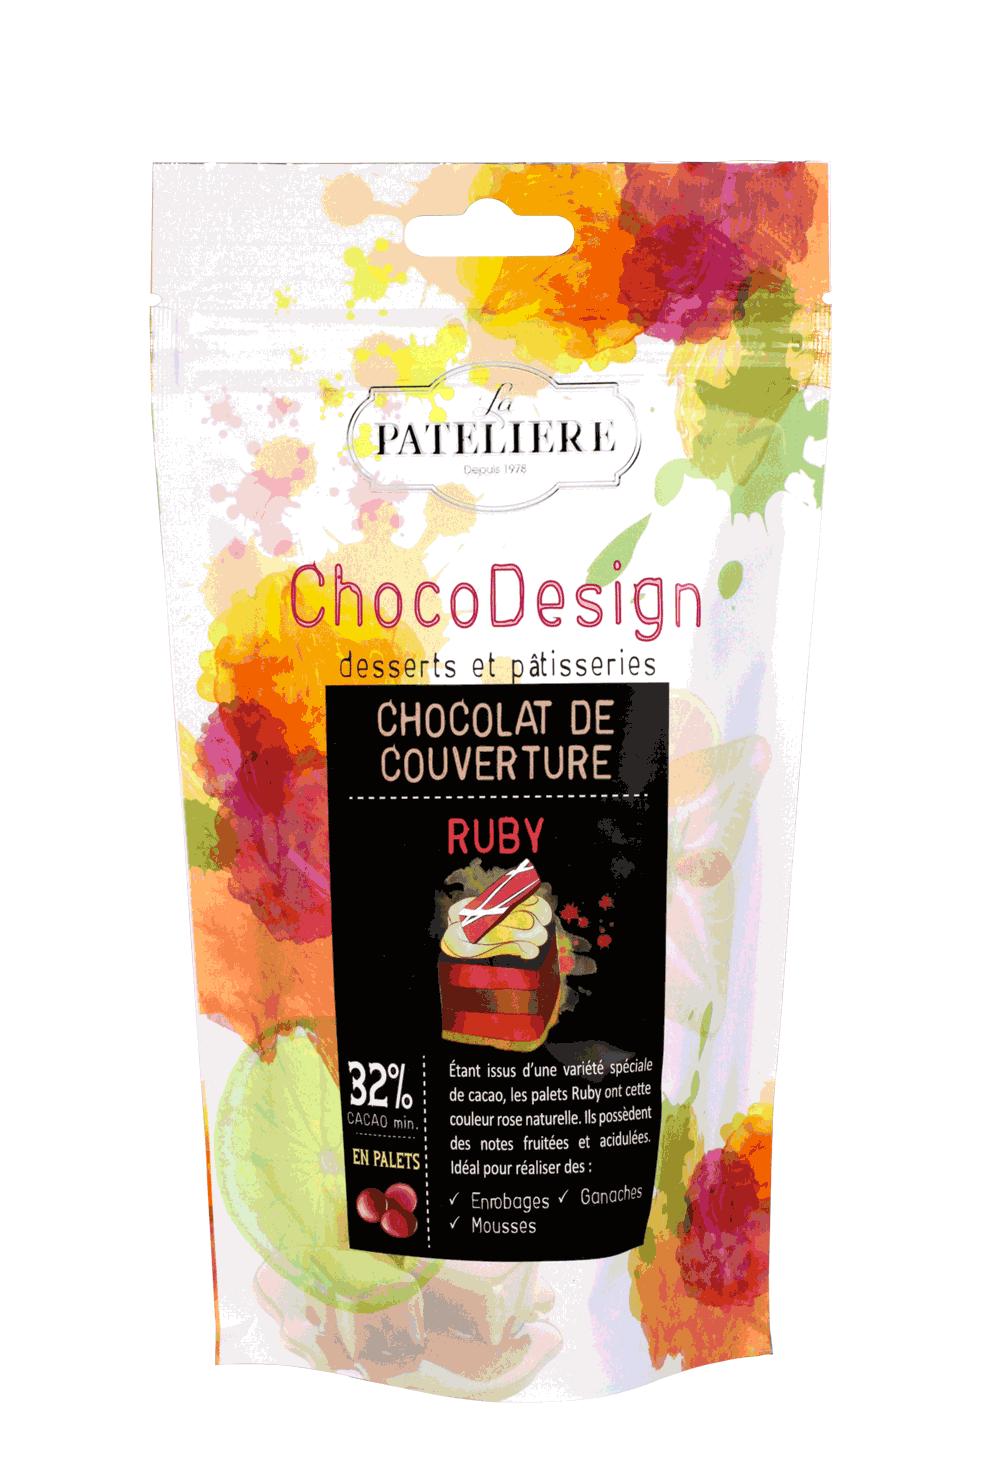 palets chocolat de couverture à pâtisser ruby chocodesign LA PATELIERE